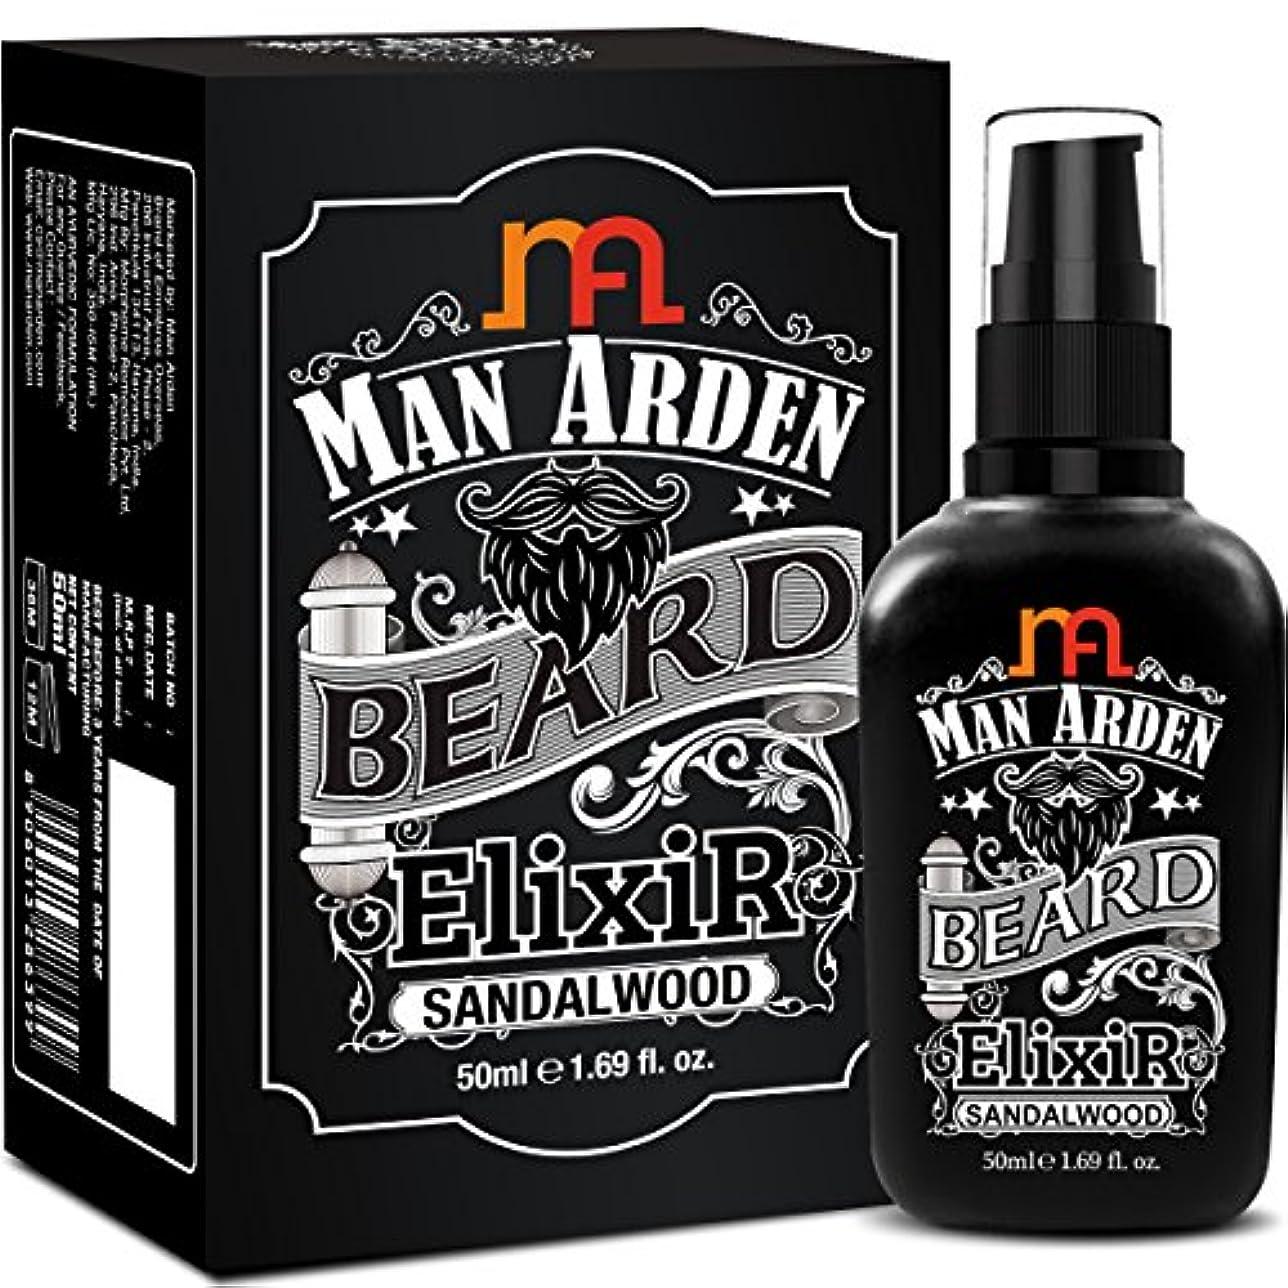 プール一元化する失敗Man Arden Beard Elixir Oil 50ml (Sandalwood) - 7 Oils Blend For Beard Repair, Growth & Nourishment8906013286399